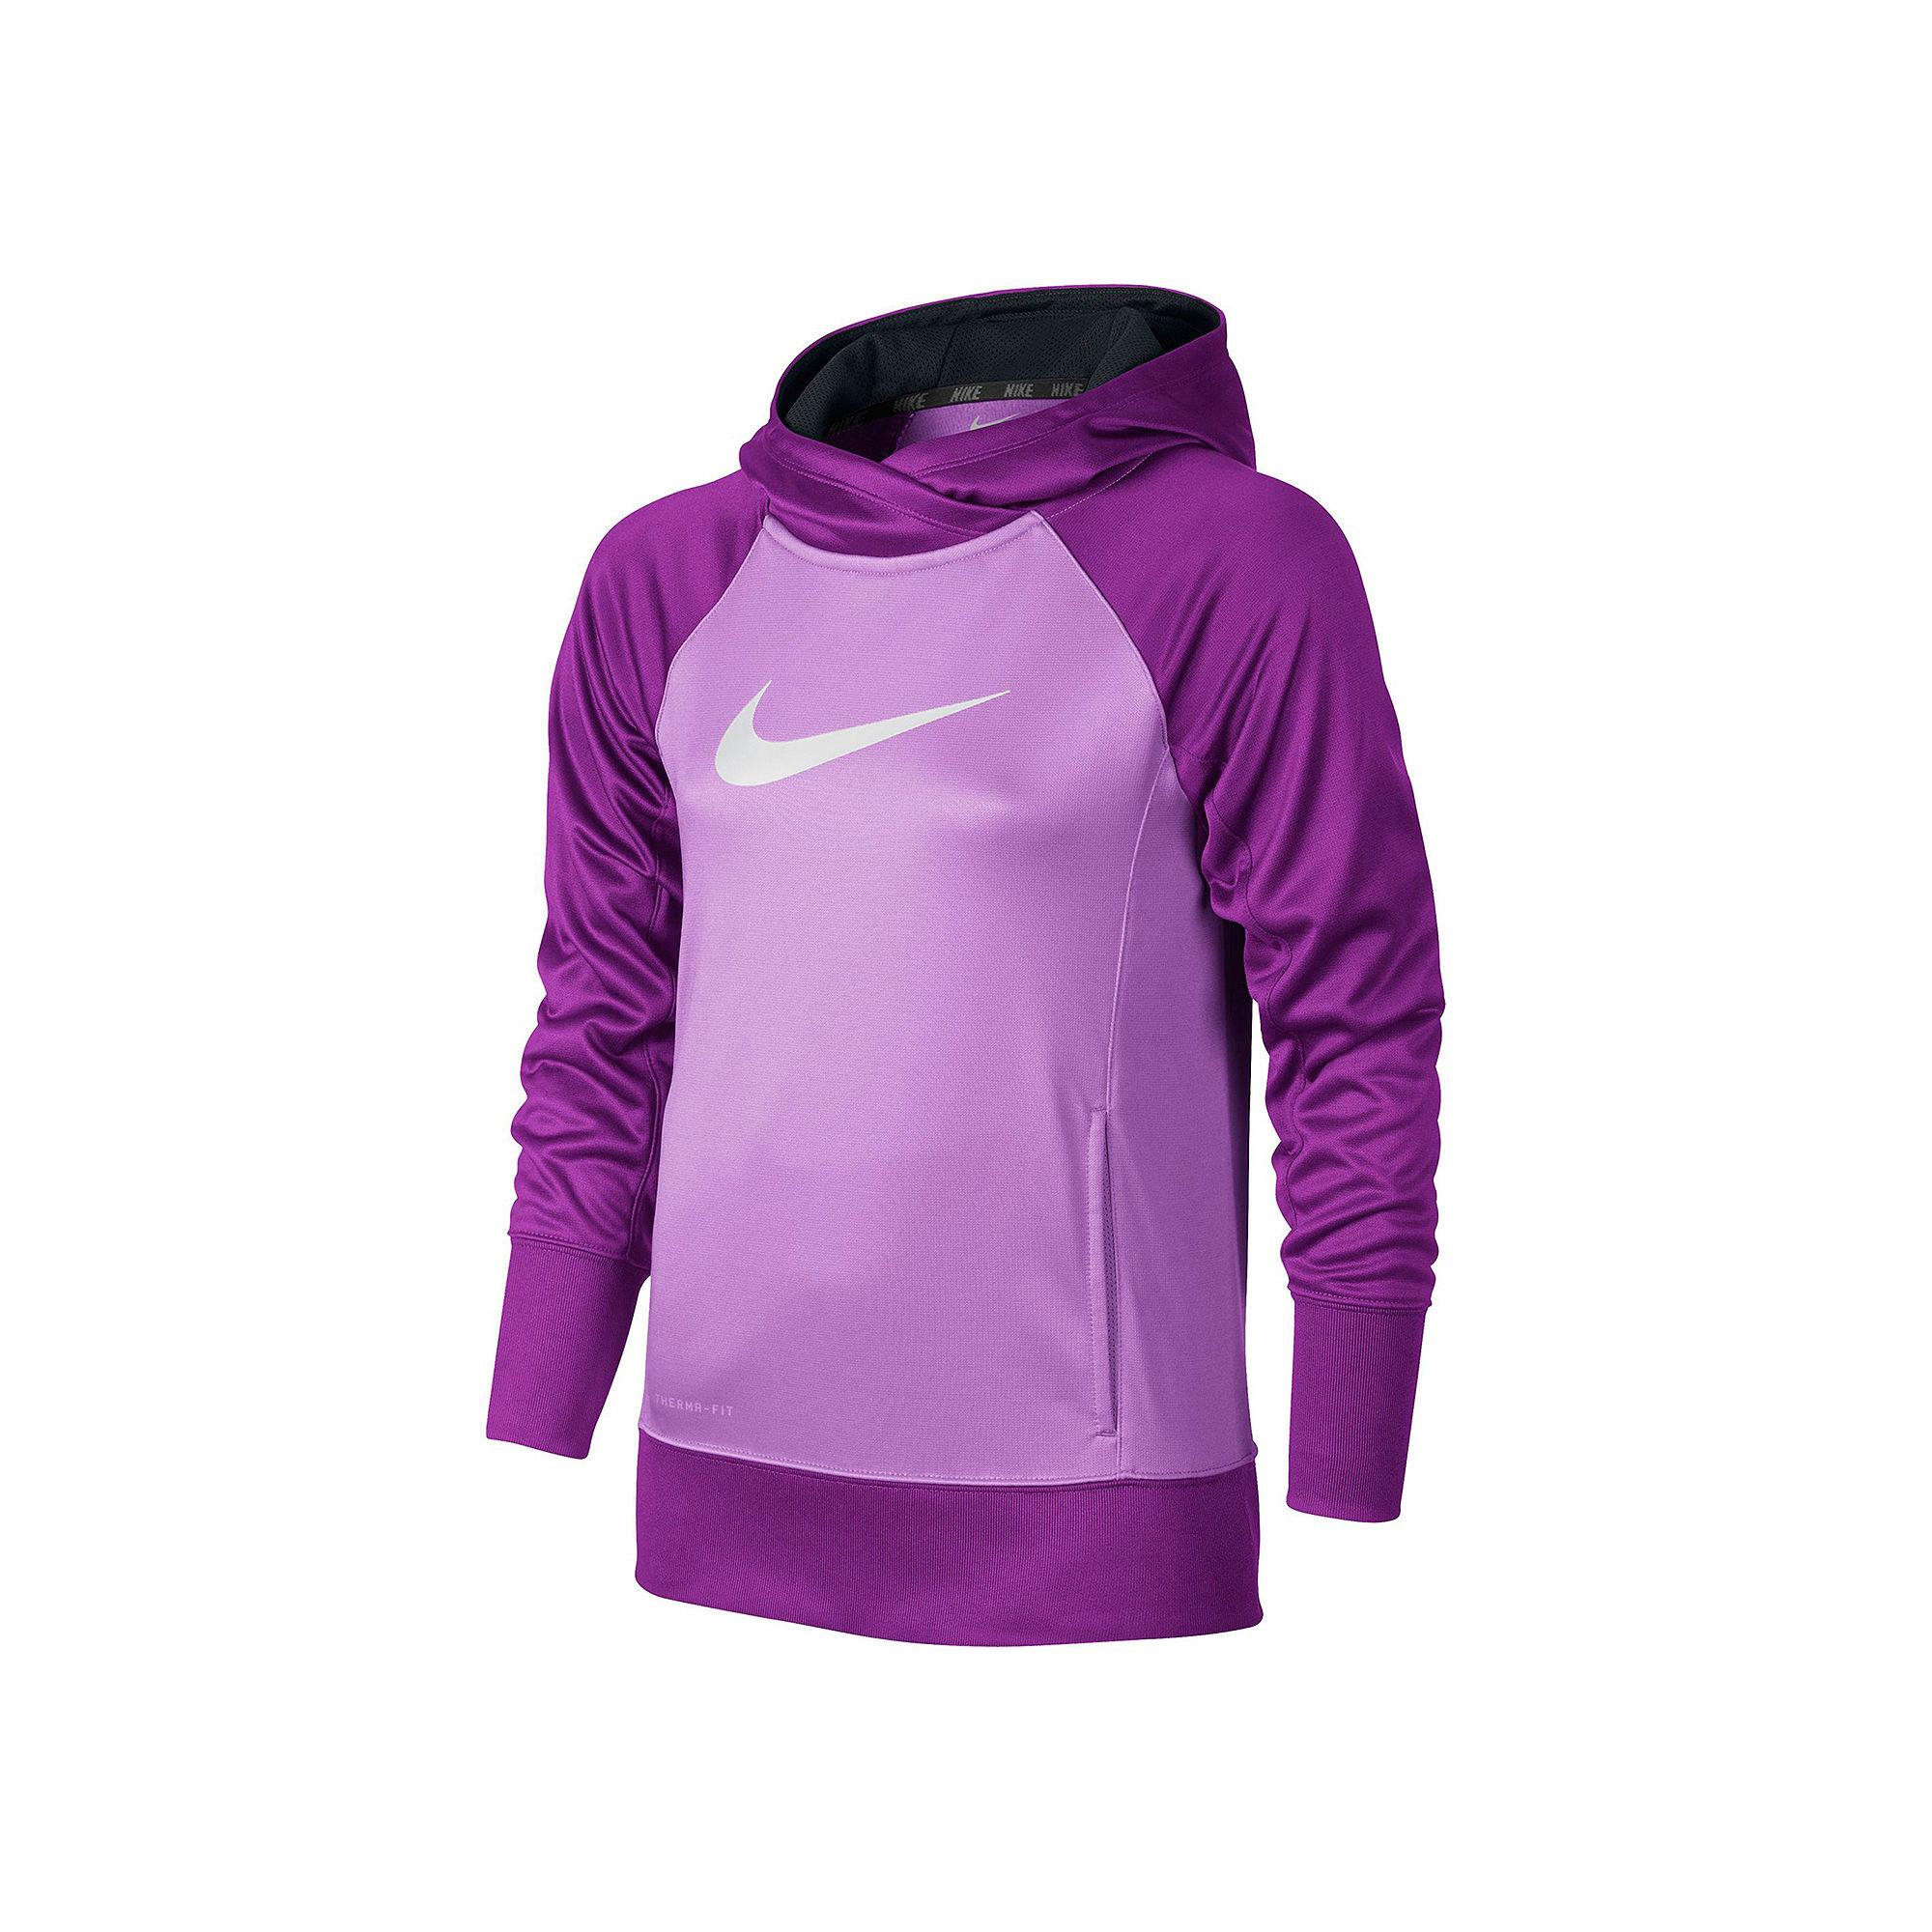 UPC 886060637925 Nike KO 3.0 Therma FIT Pull On Hoodie